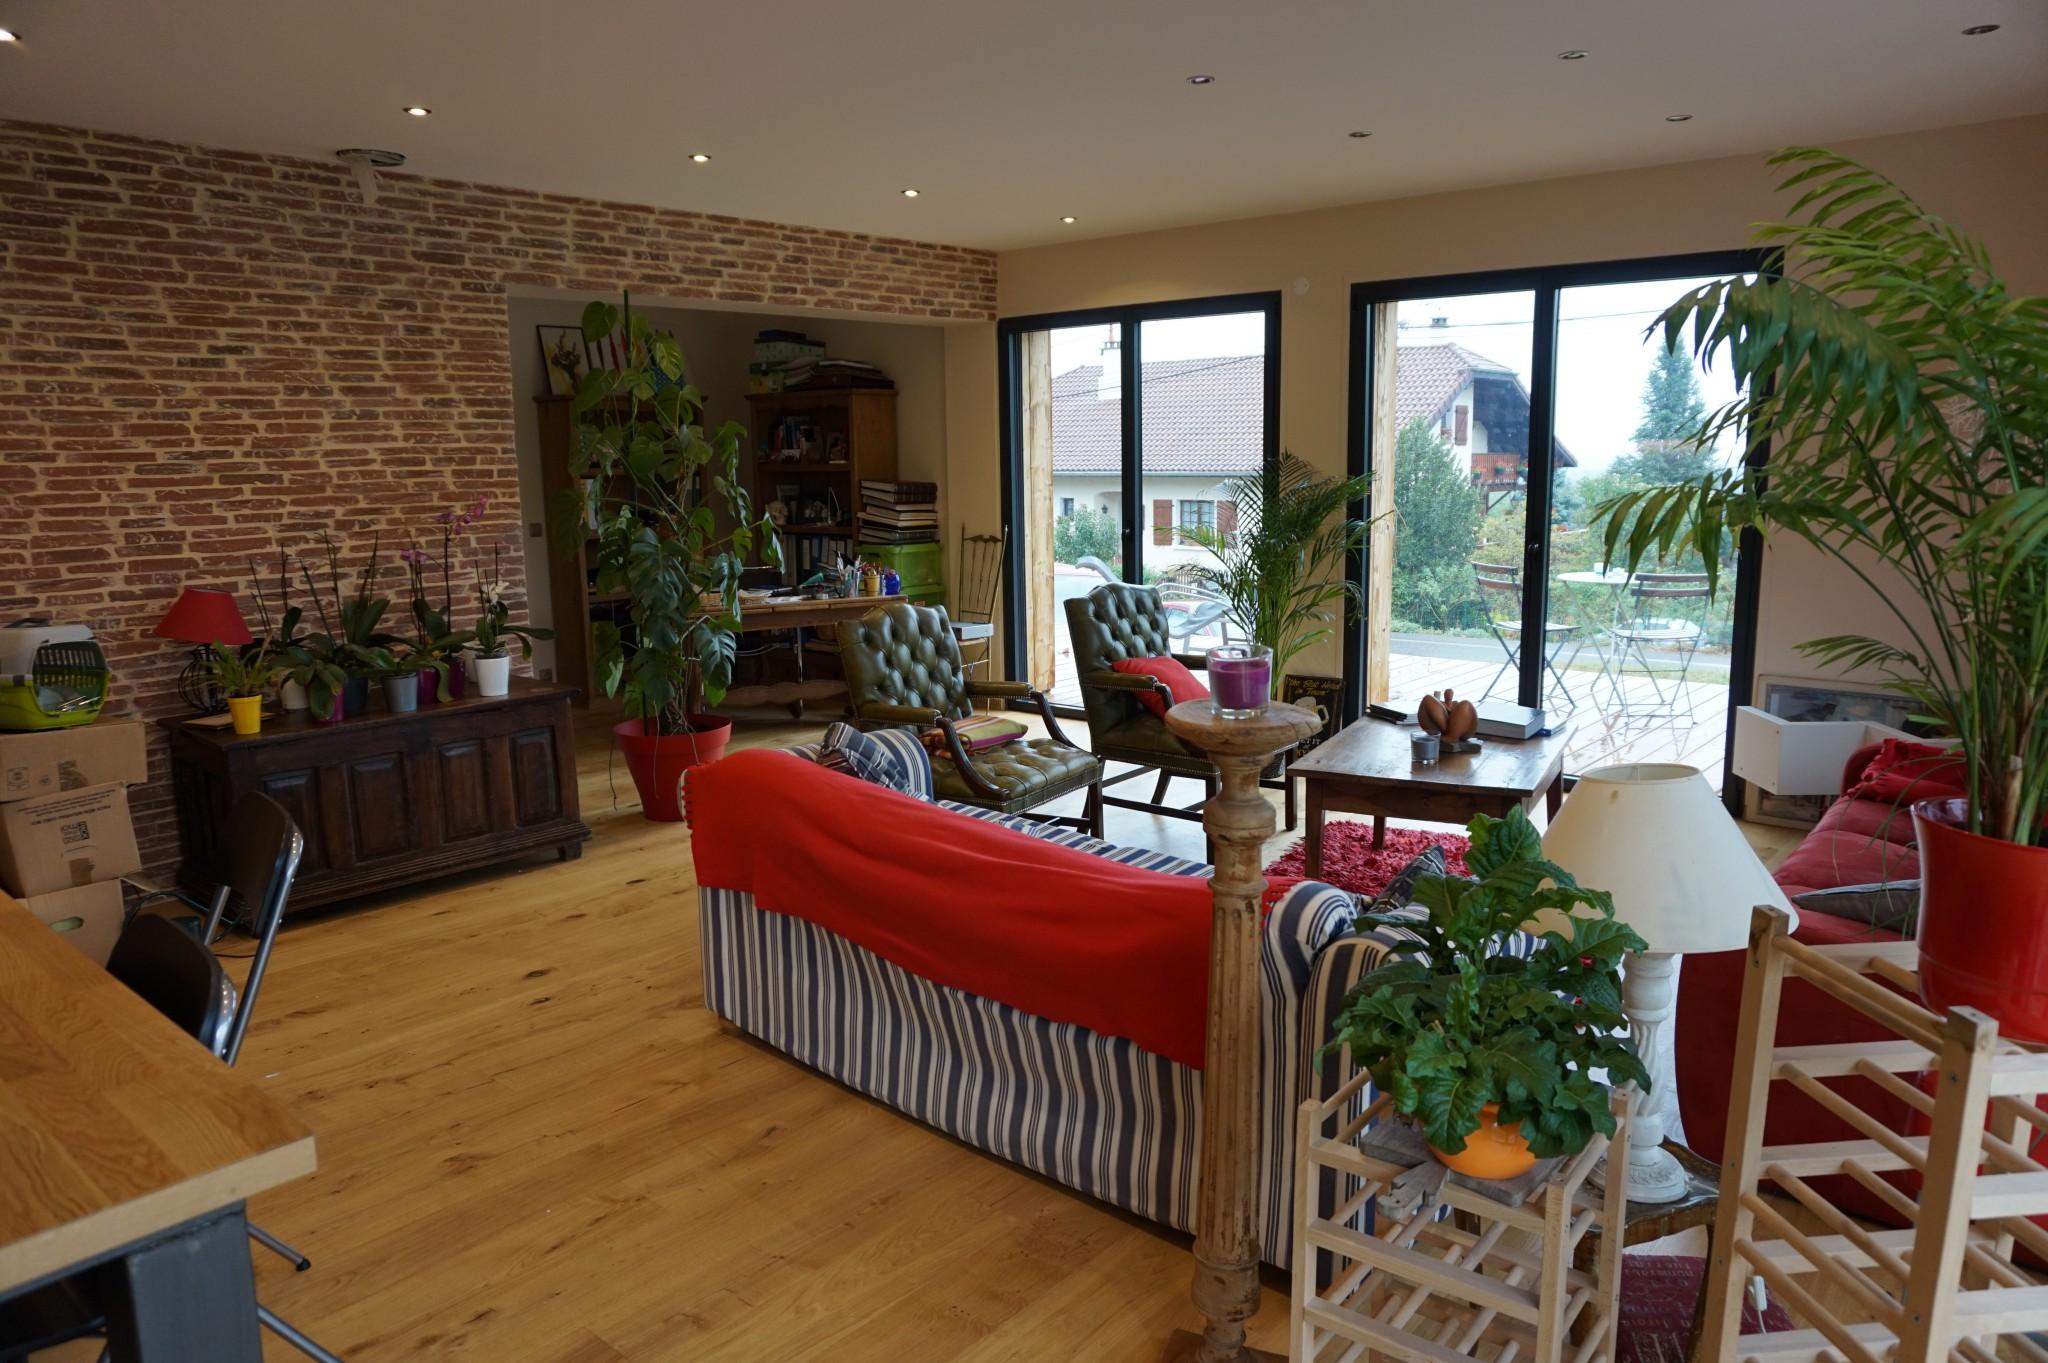 maison 120 m dans l 39 ain popup house. Black Bedroom Furniture Sets. Home Design Ideas